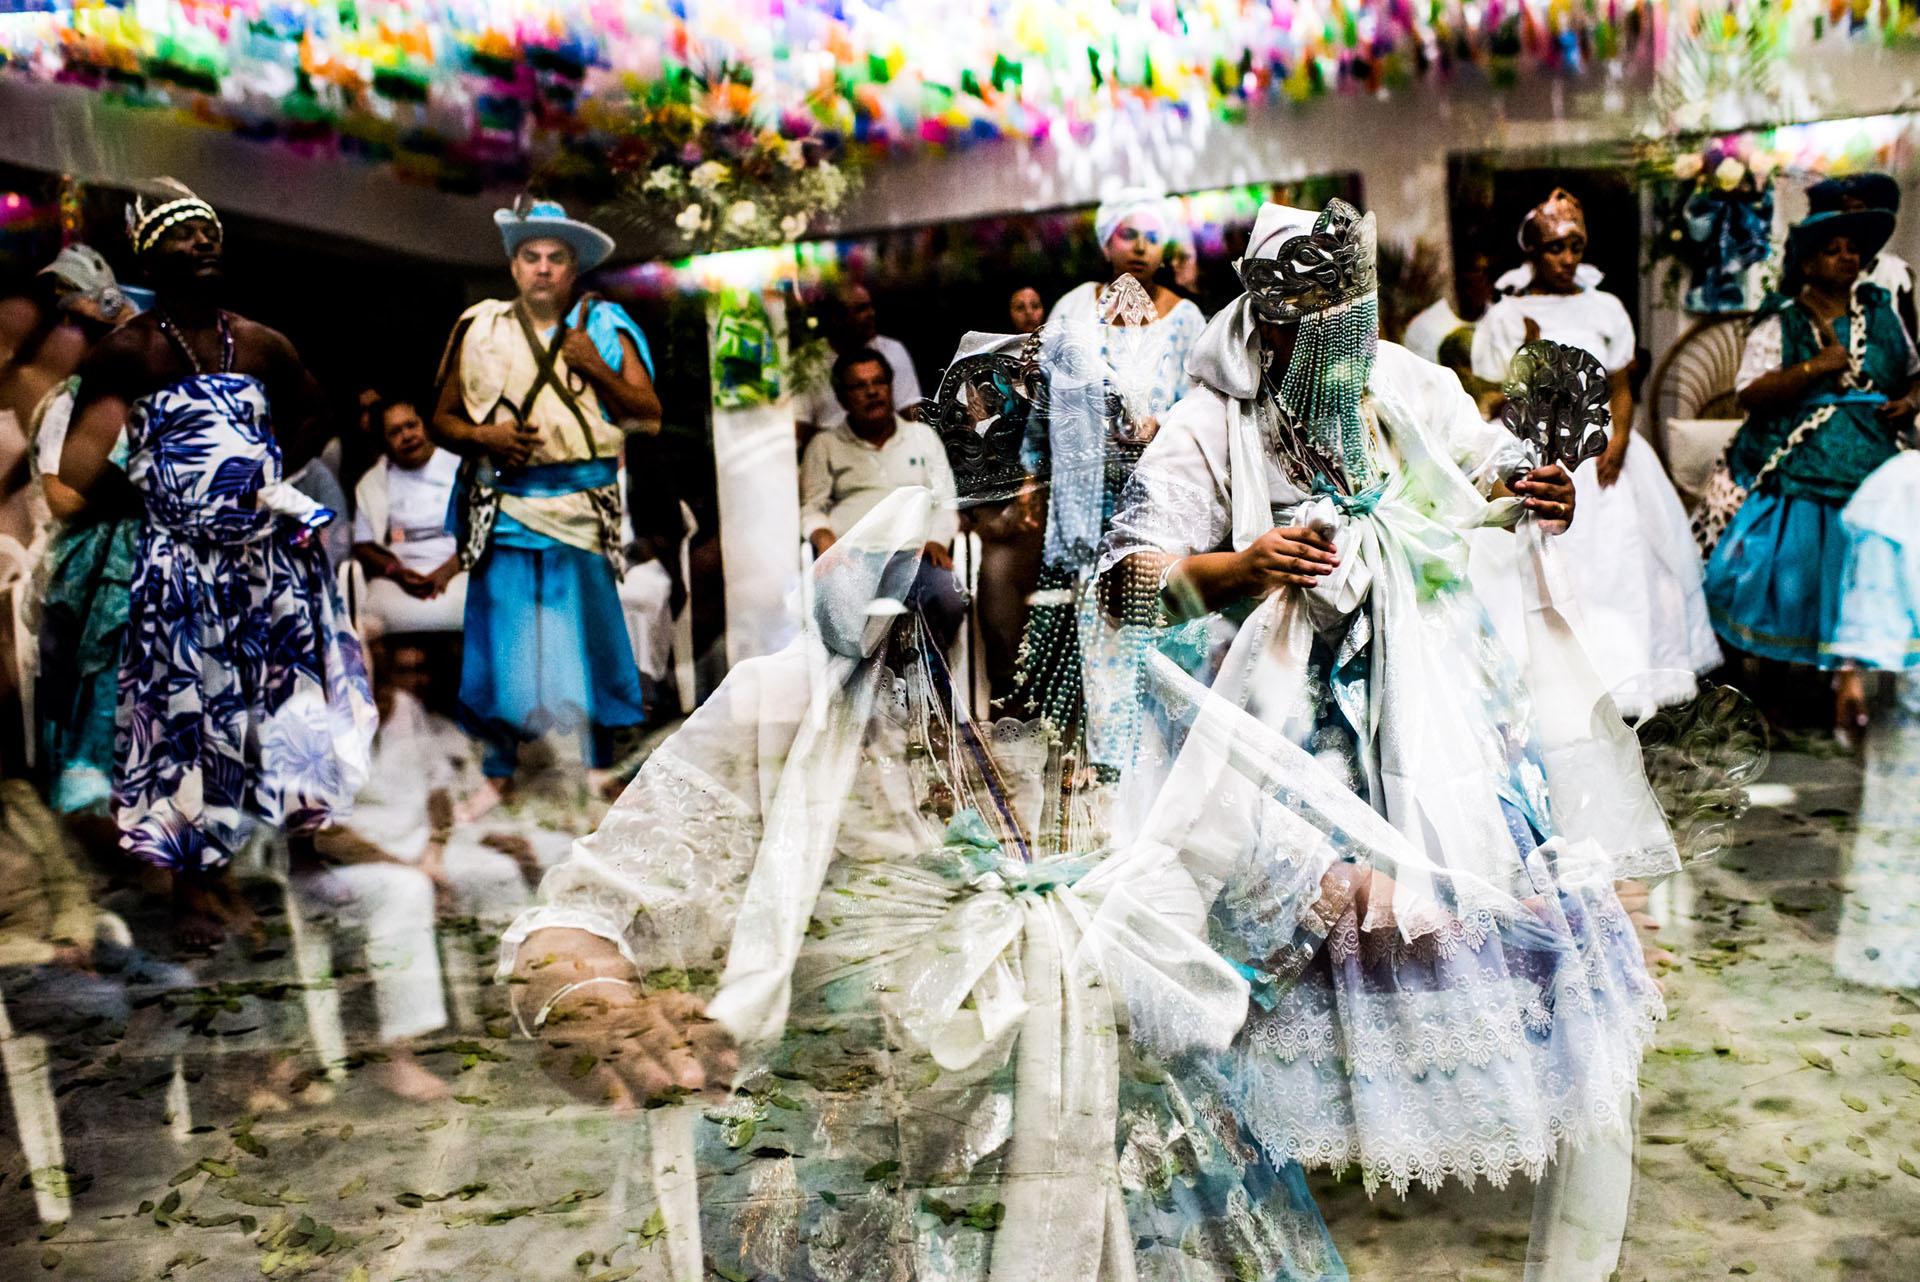 Festa de Santo. Terreiro YA GISELLE. Rio de Janeiro. Caxias. 18/05/2013. Rio de Janeiro. BRAZIL.